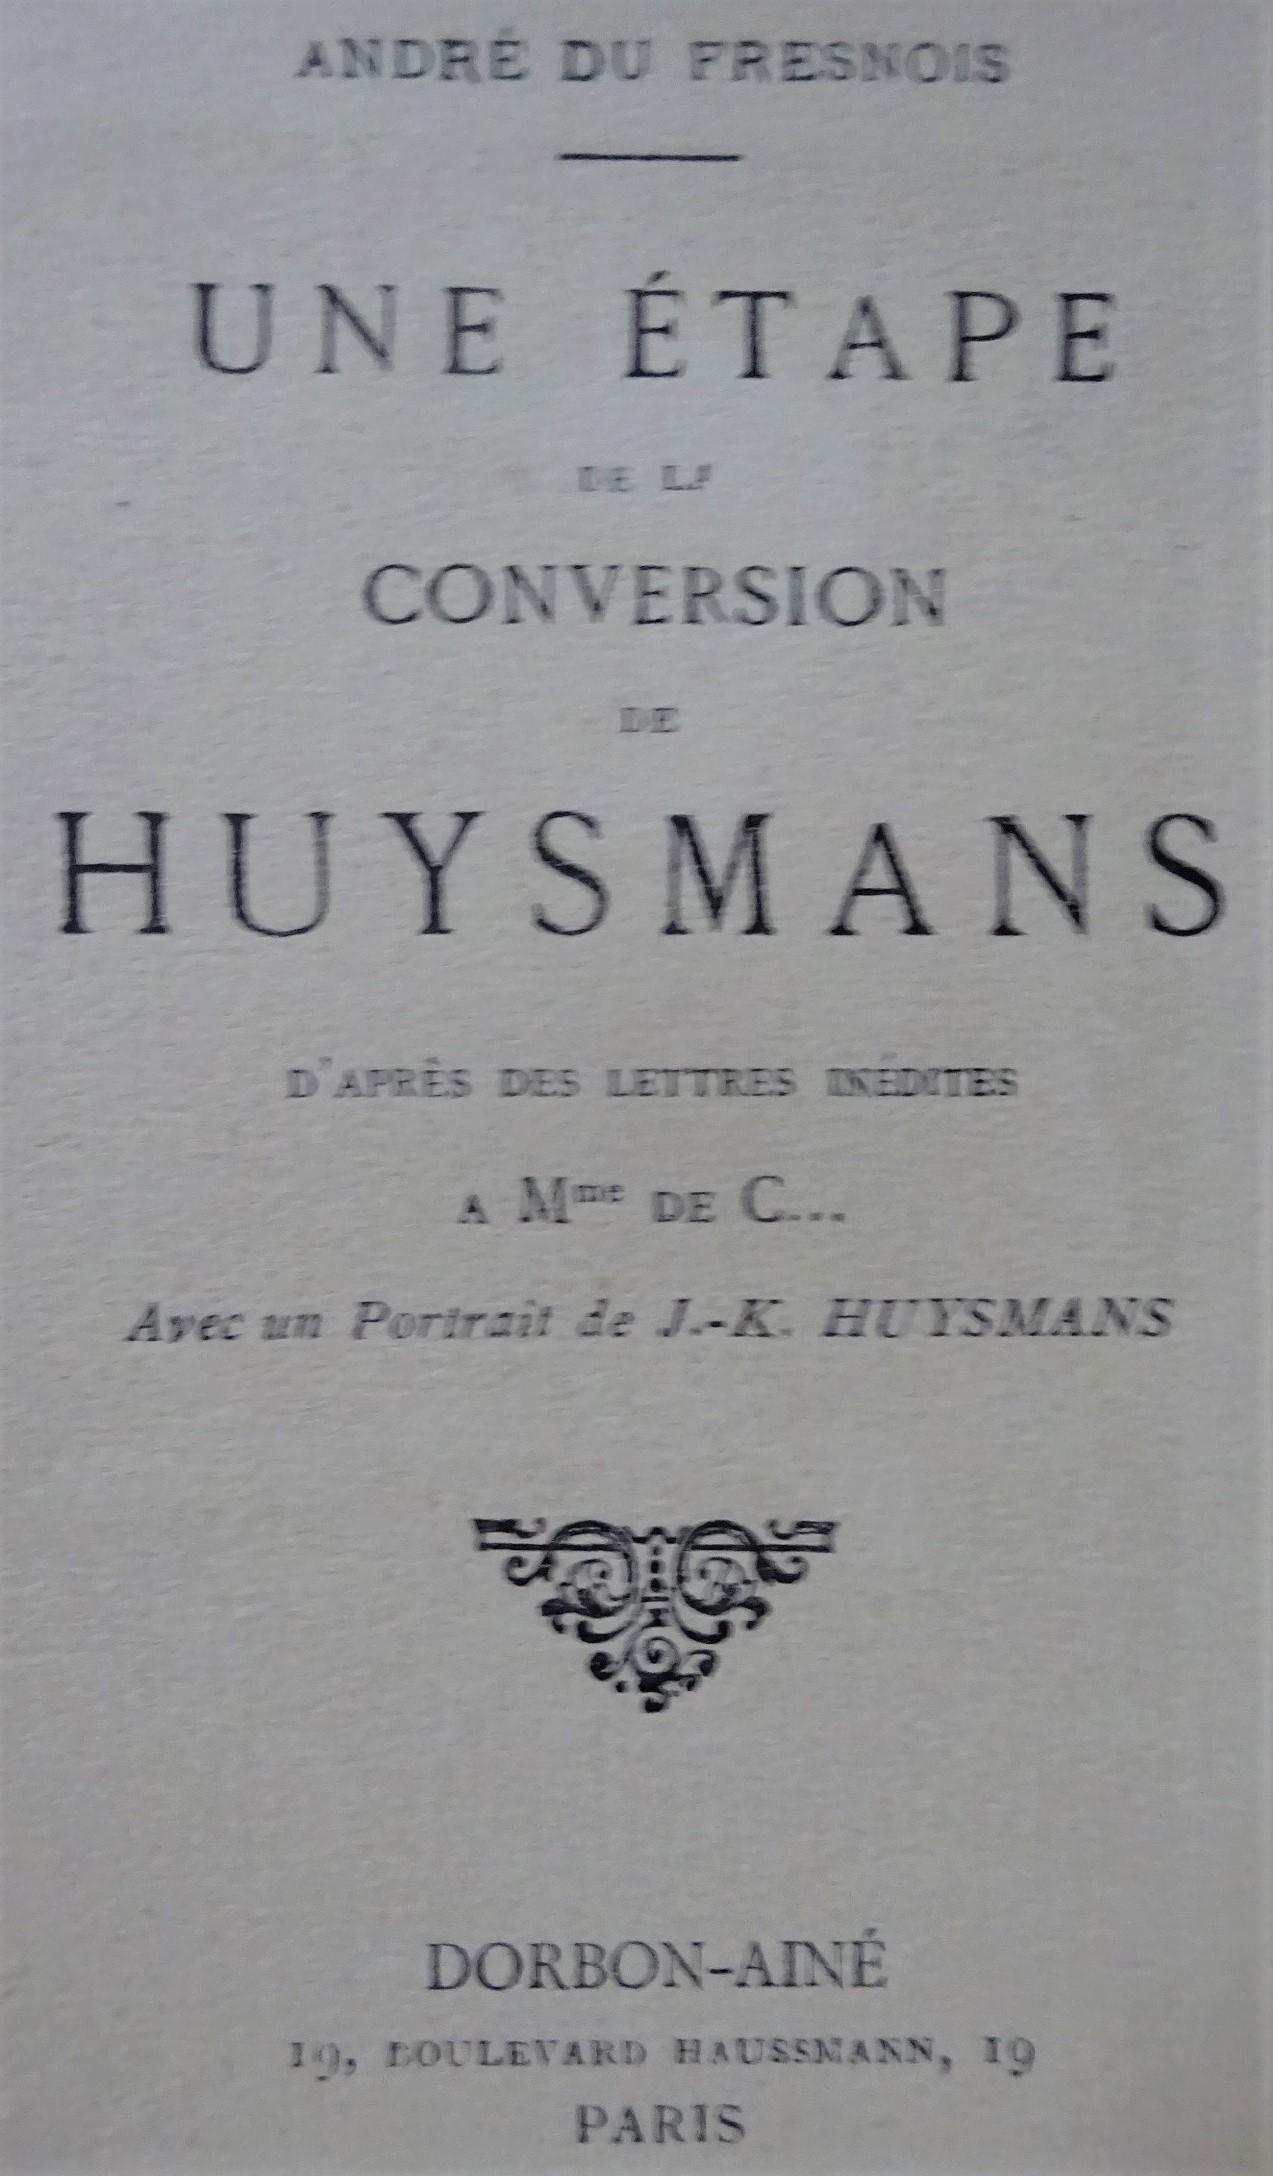 Une étape de la conversion de Huysmans